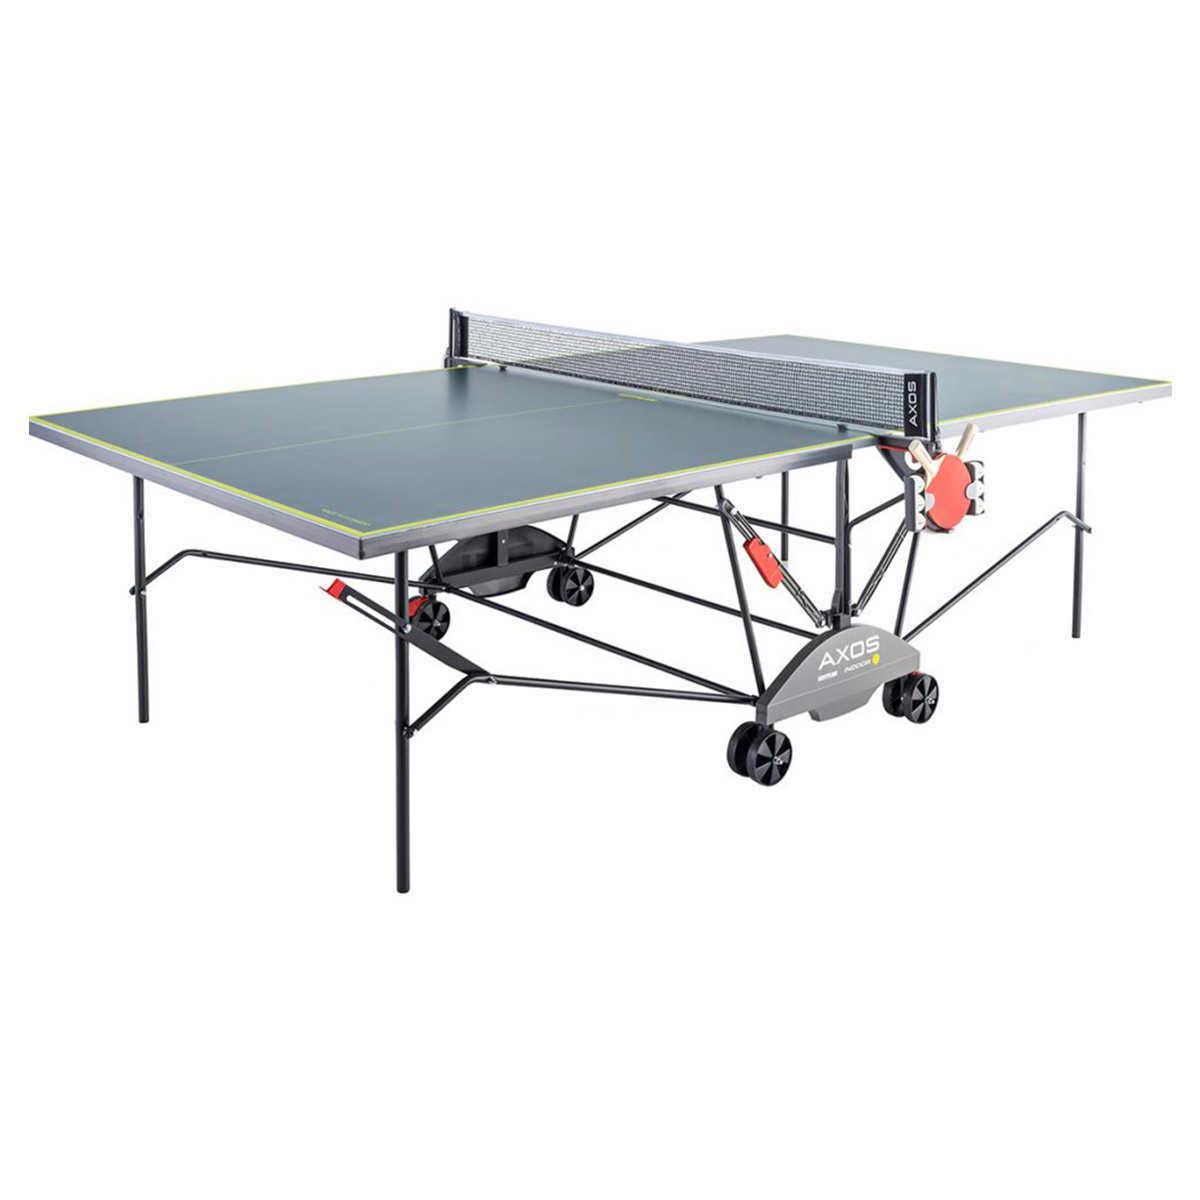 Kettler Axos 3 Indoor Table Tennis